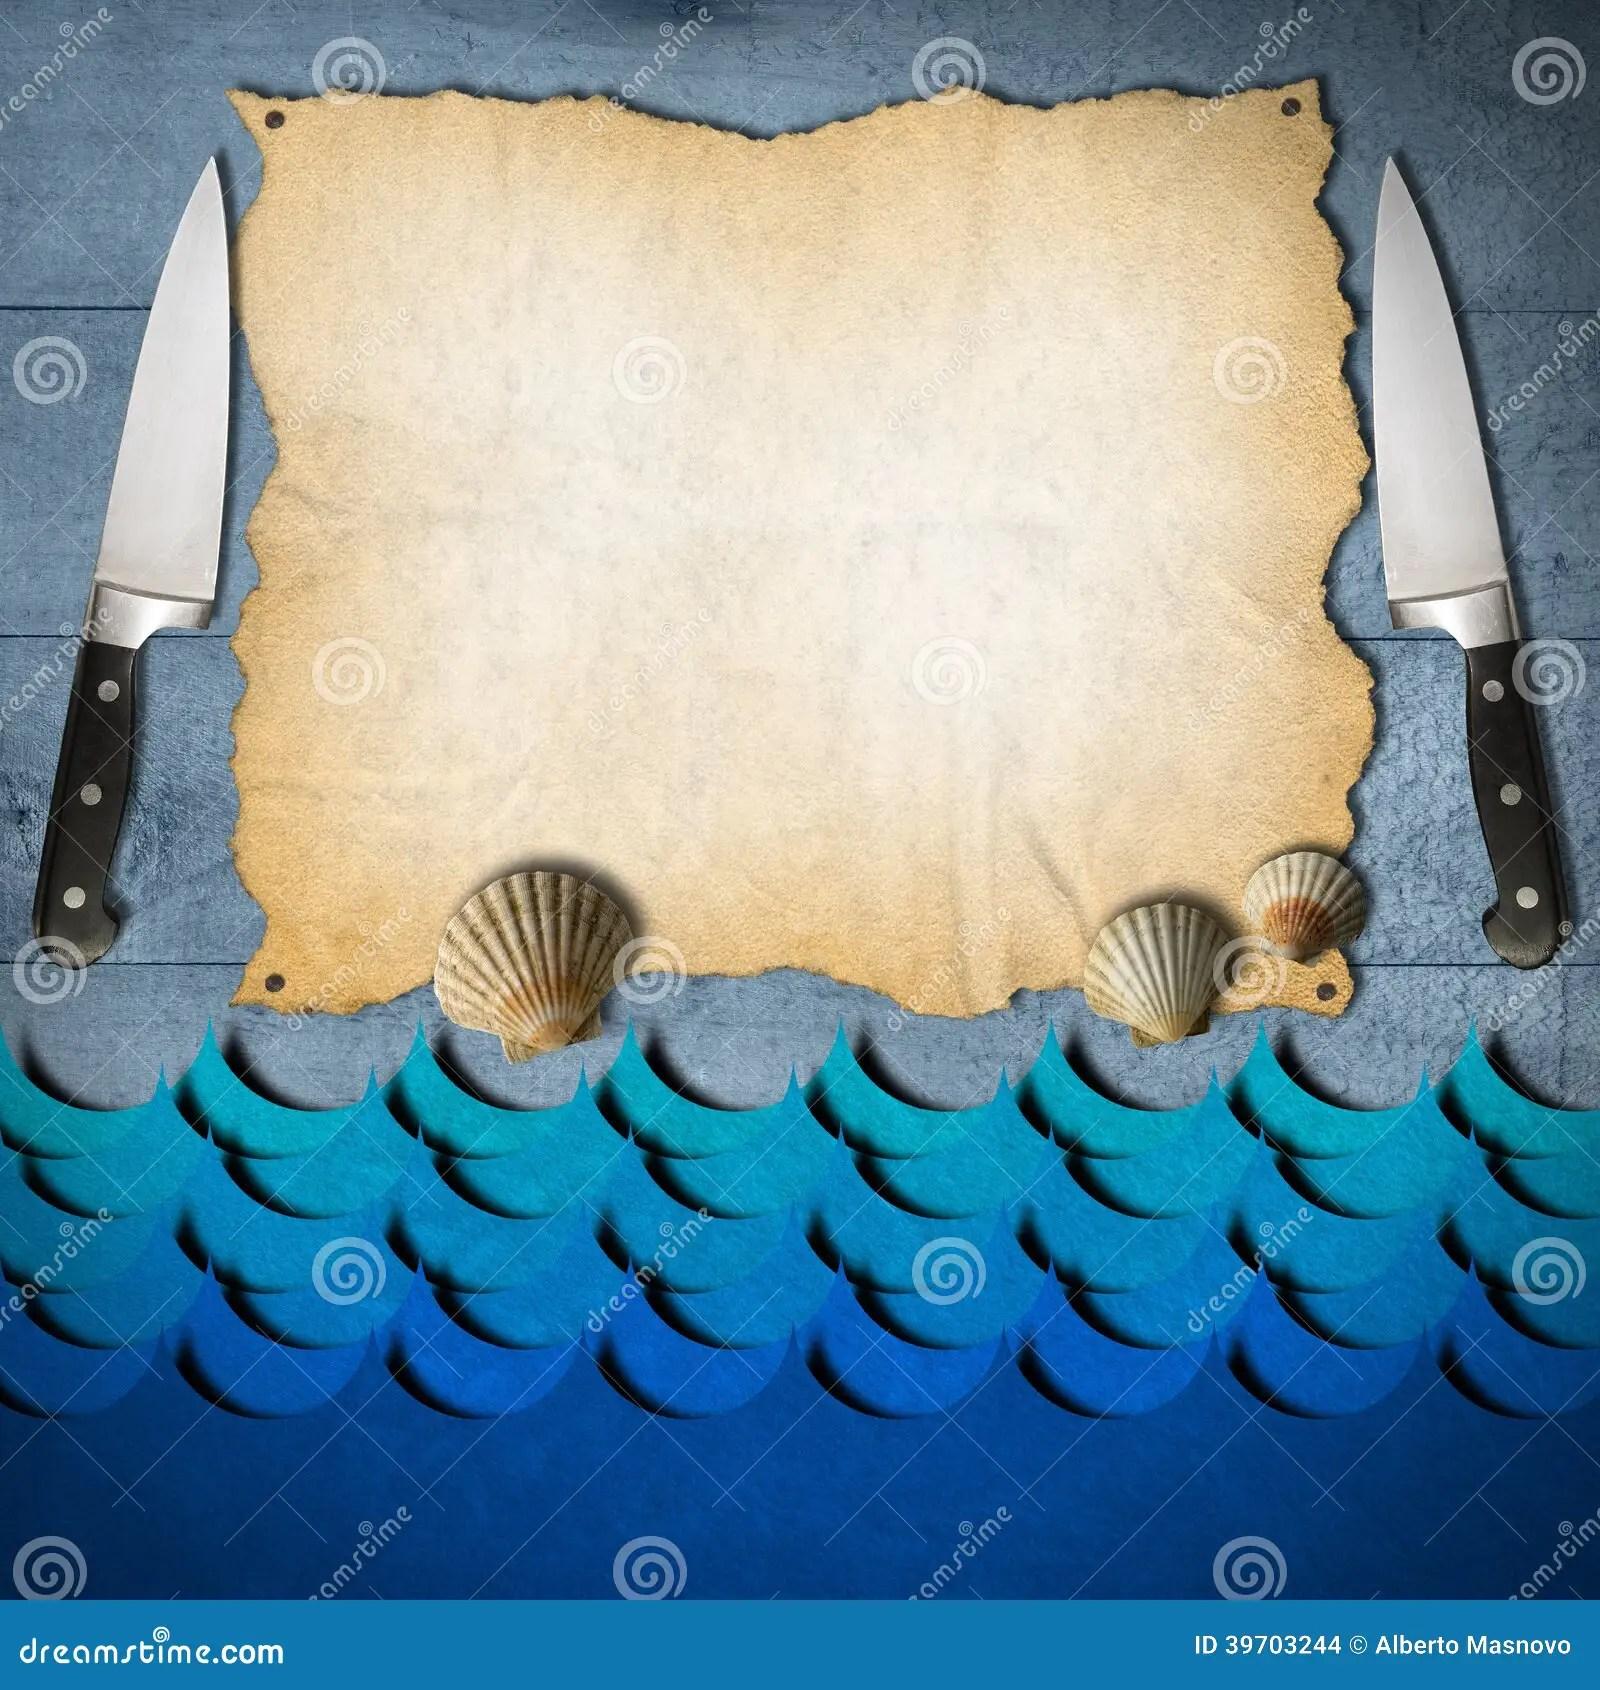 Seafood Menu Template Stock Illustration Image 39703244